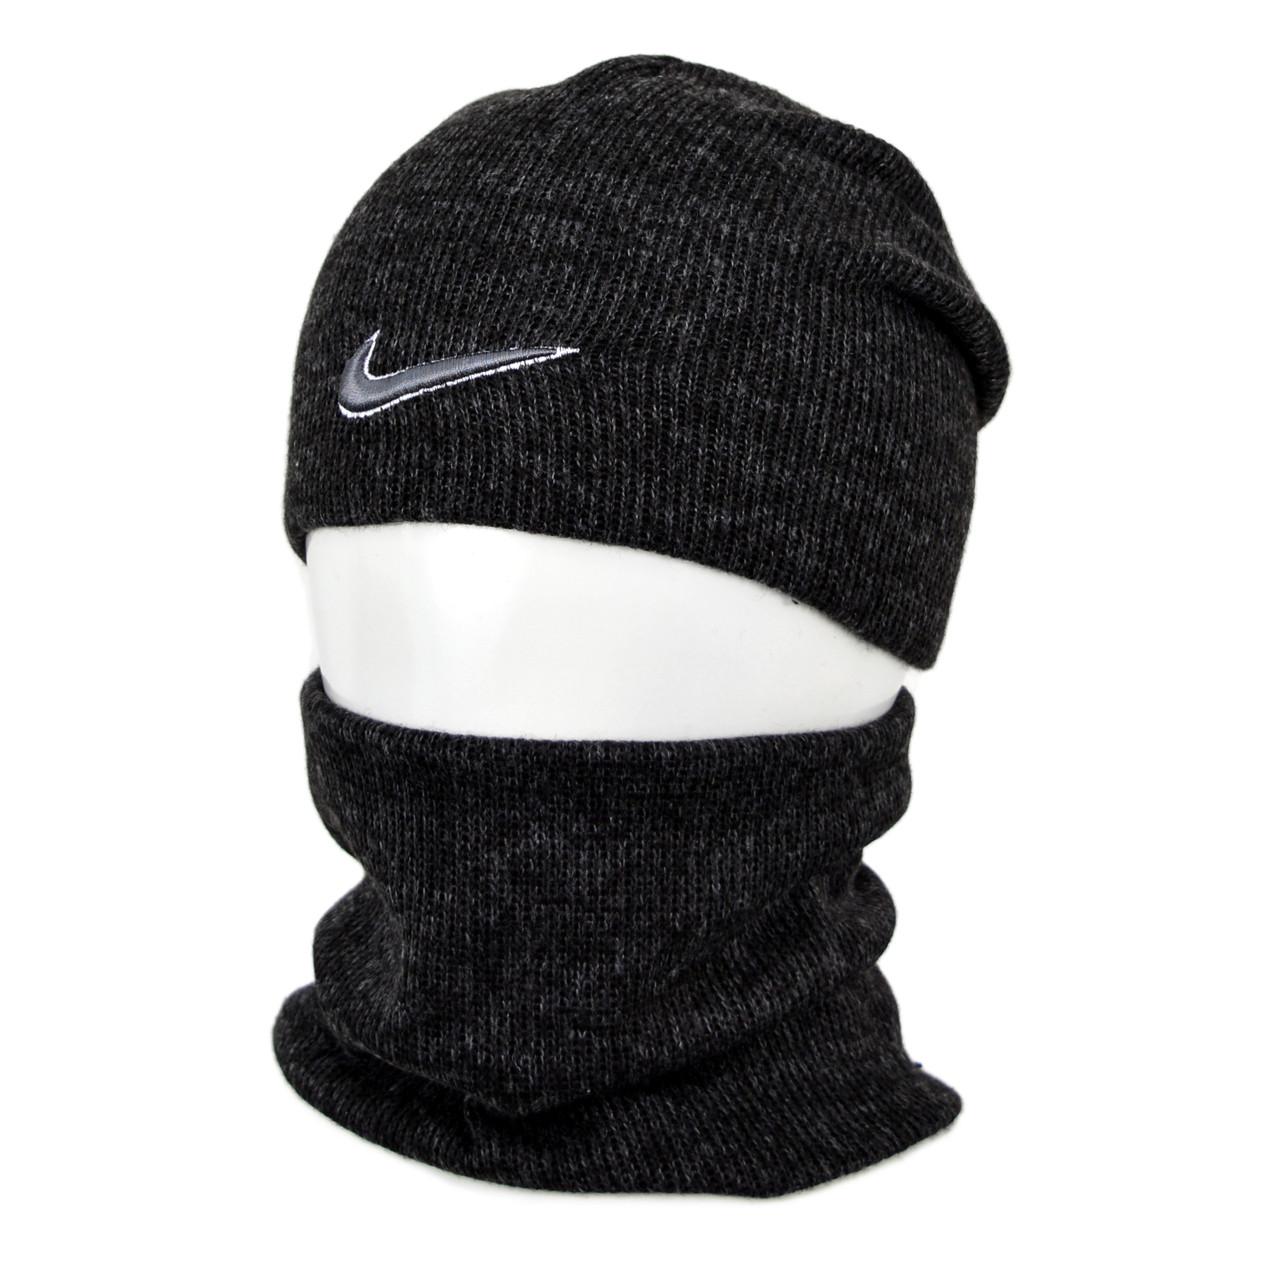 Комплект шапка+баф nike SP1902 черный